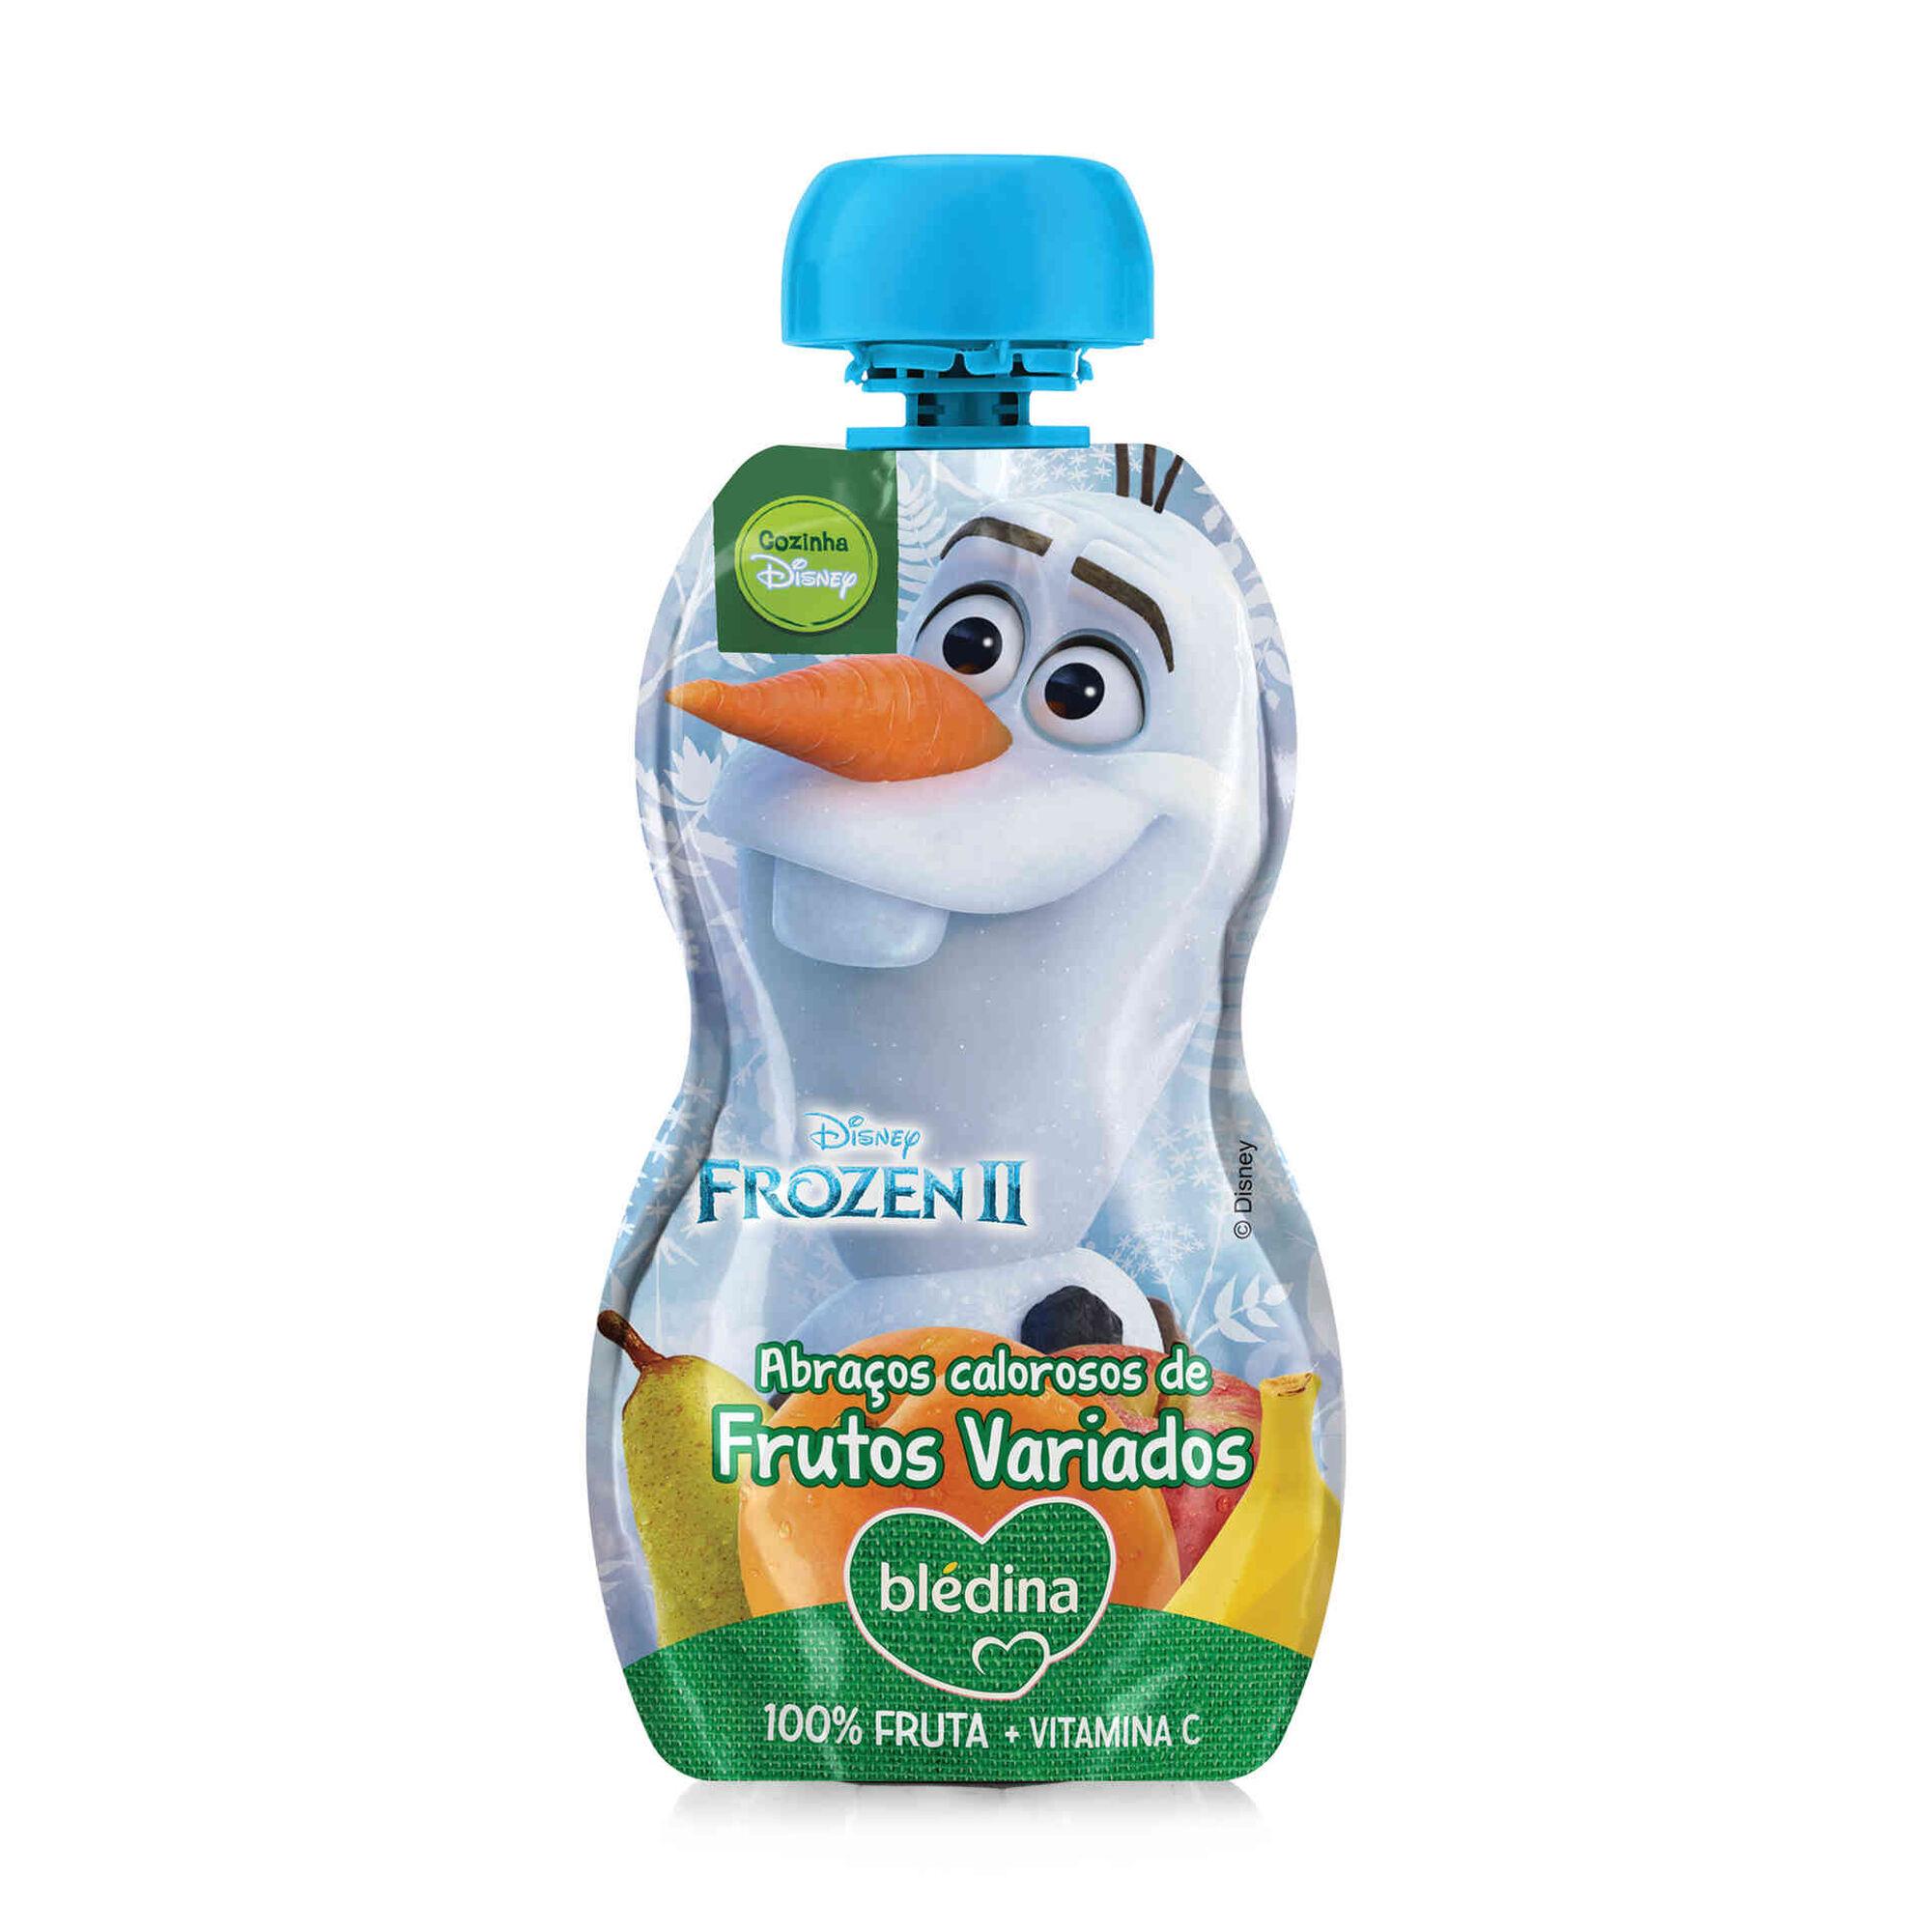 Saqueta de Frutos Variados Disney Frozen, , hi-res